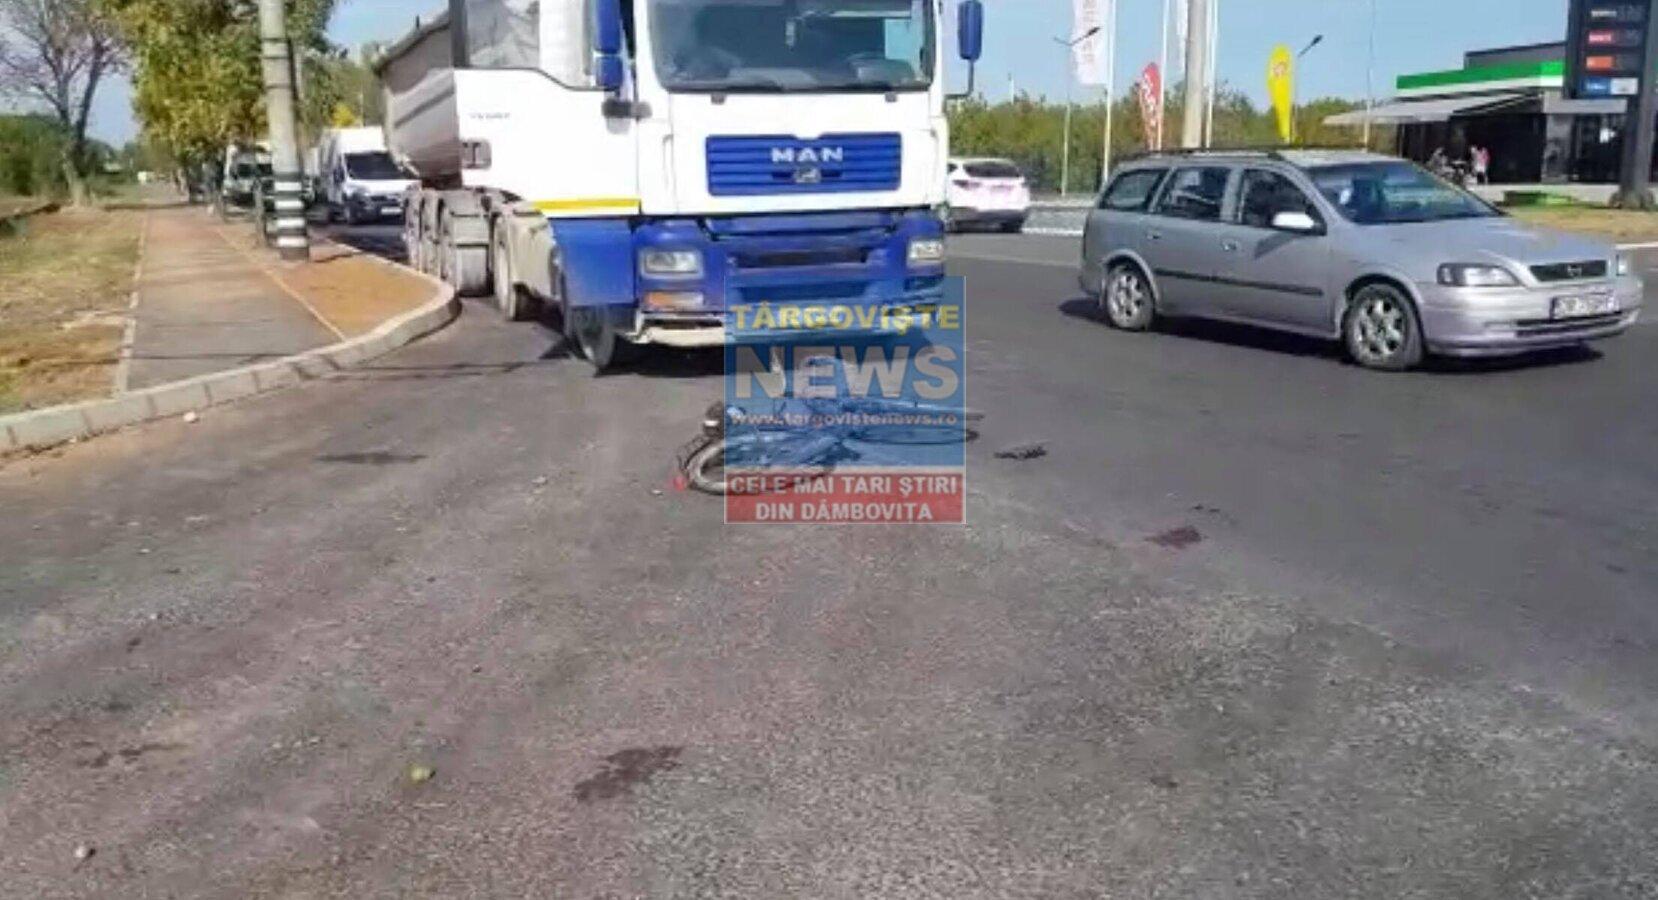 Un biciclist a fost grav accidentat de un camion, la Târgoviște